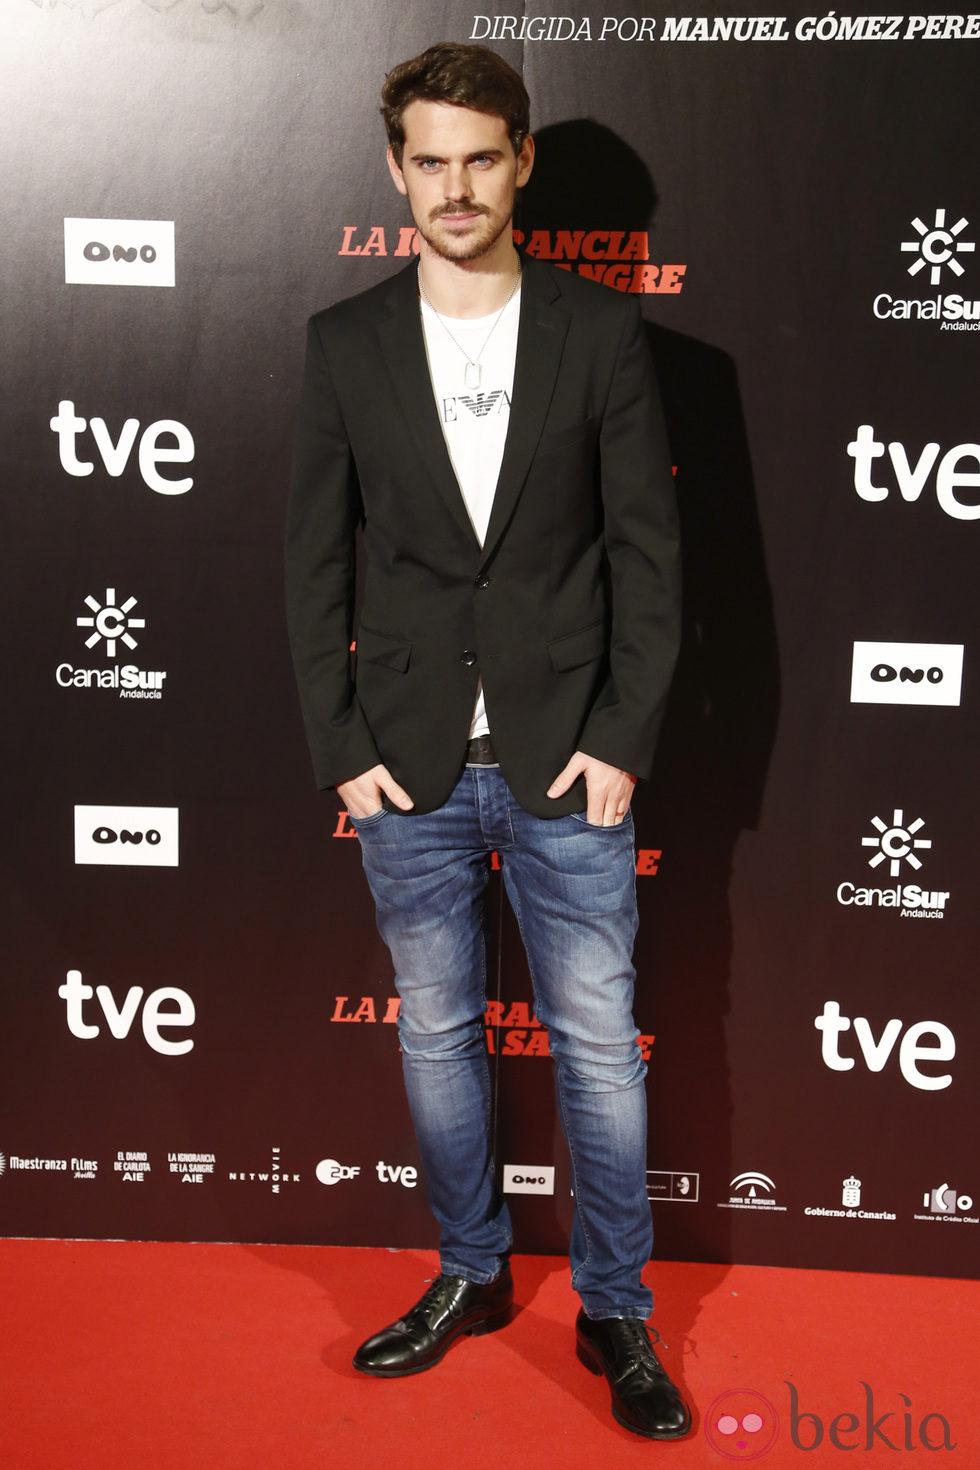 Gonzalo Ramos en el estreno de 'La ignorancia de la sangre' en Madrid